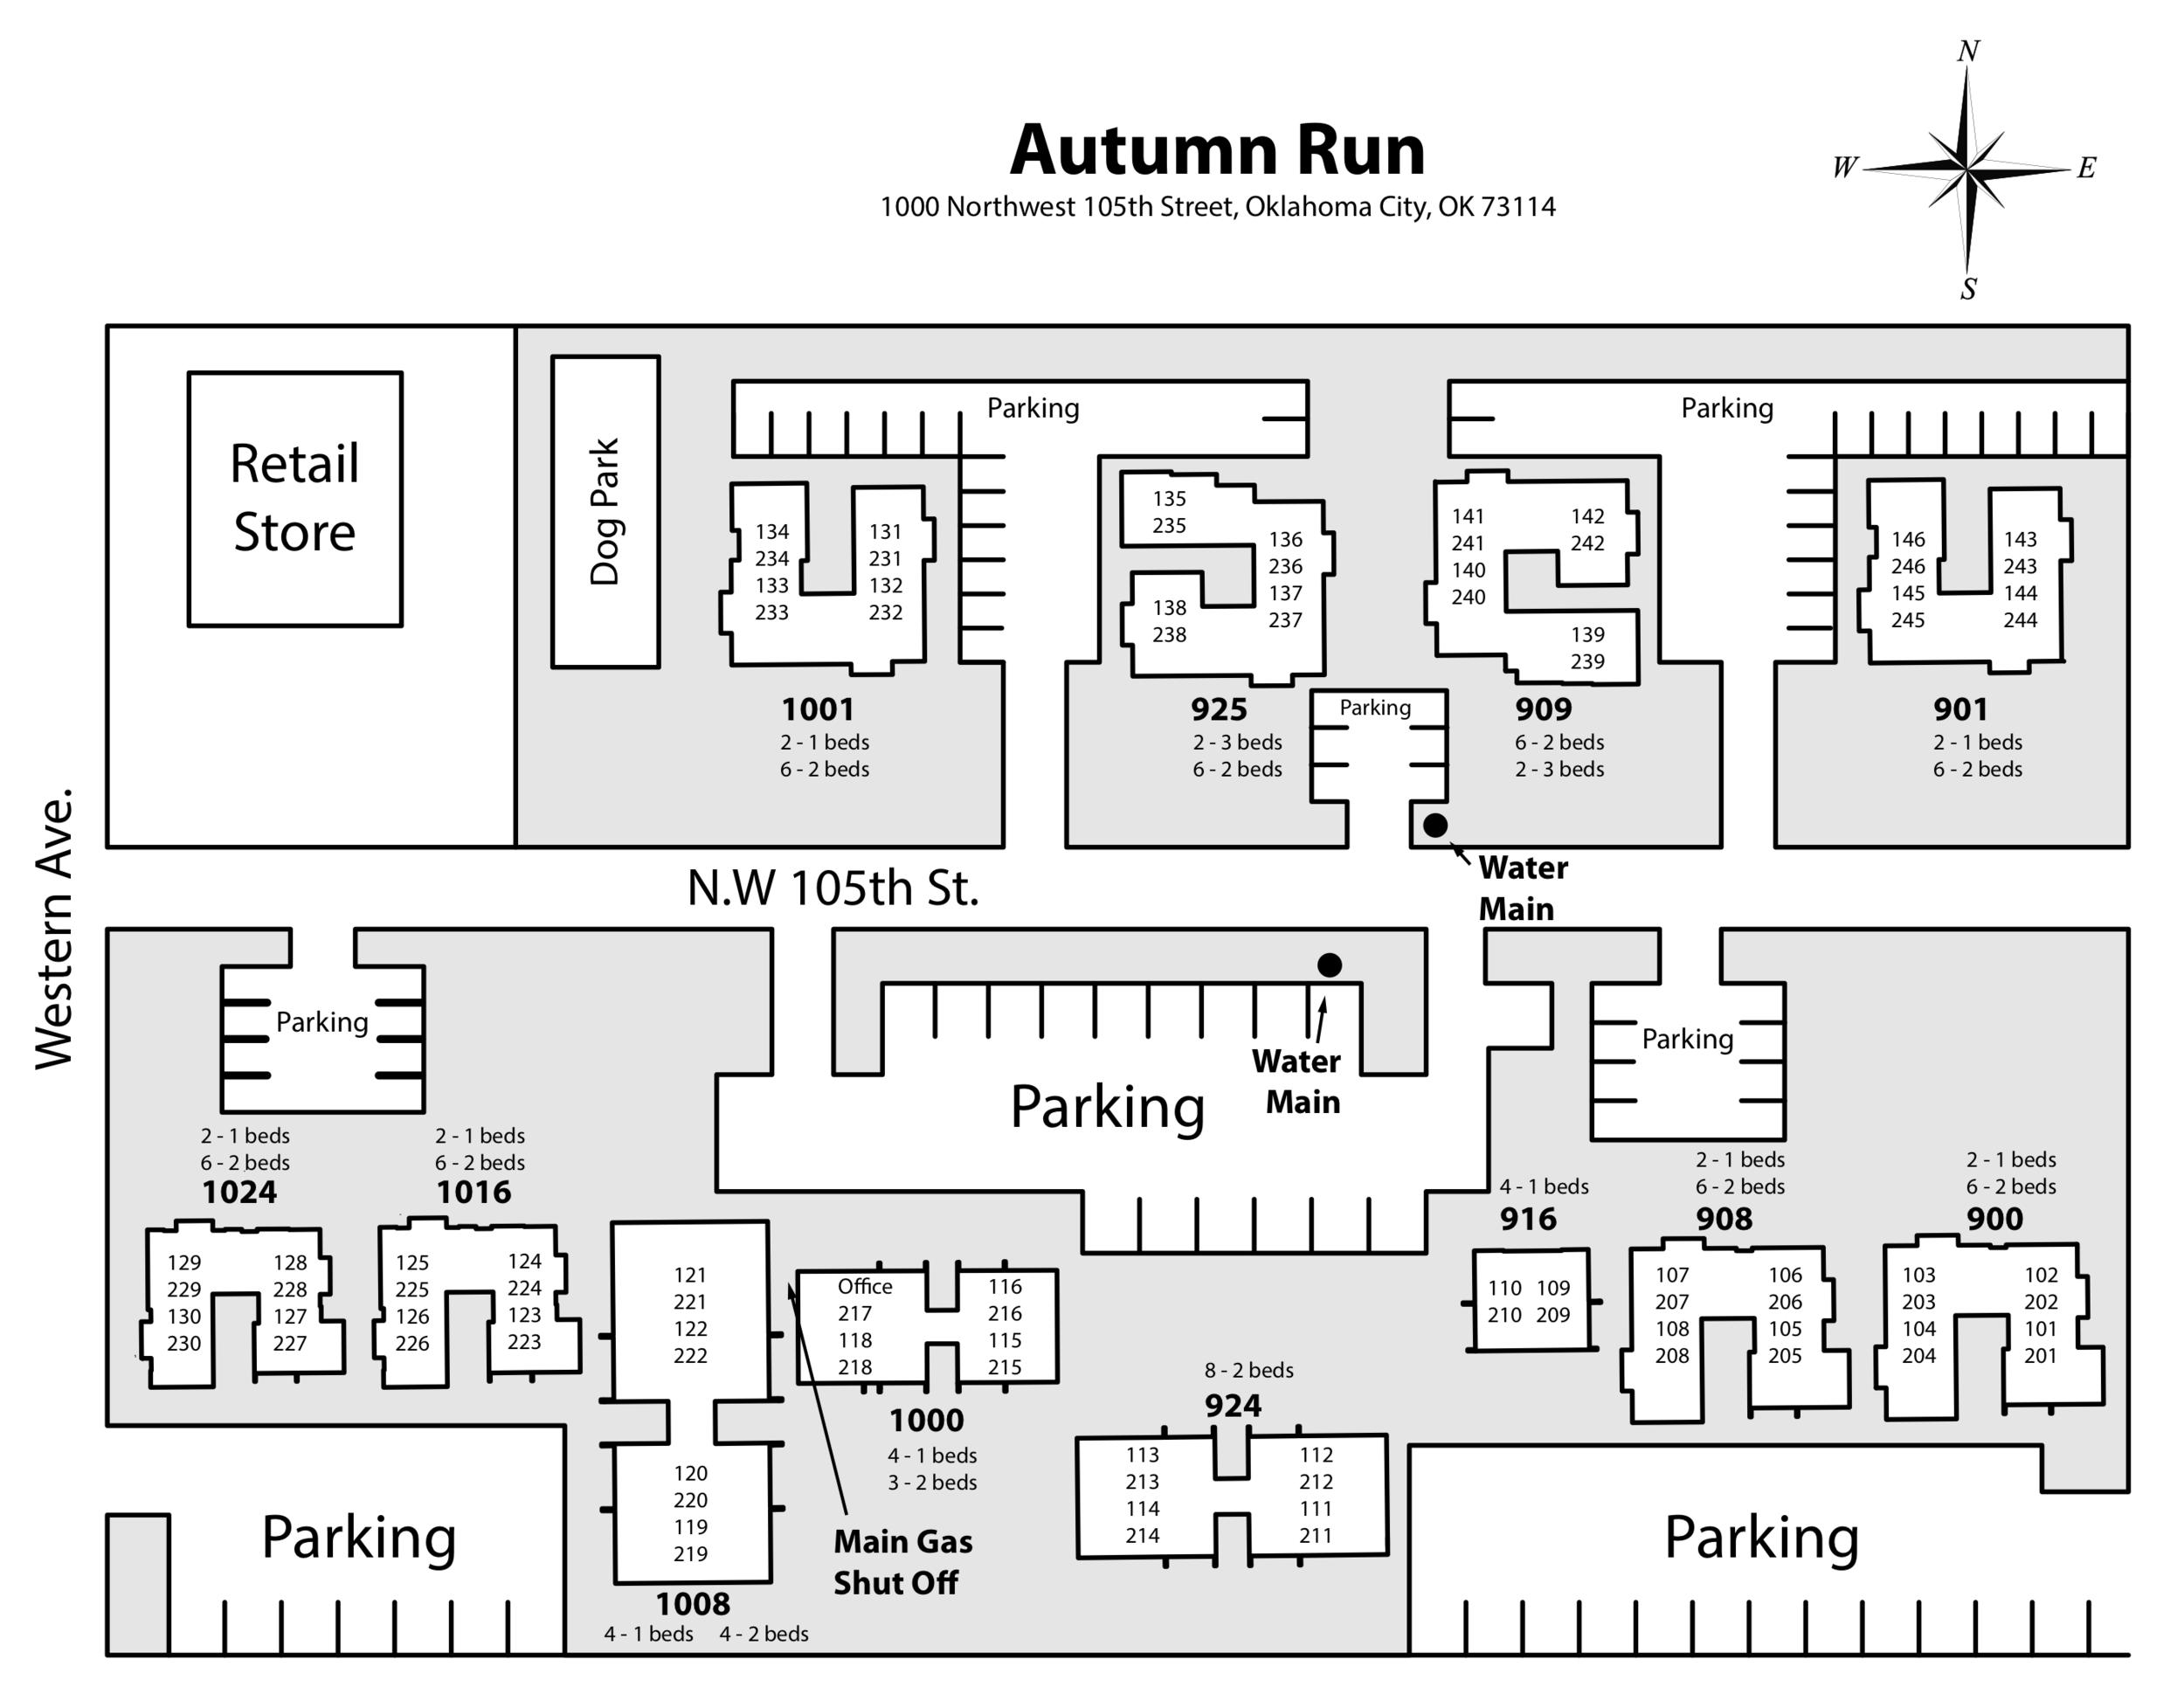 Autumn Run OKC_property_Map.png